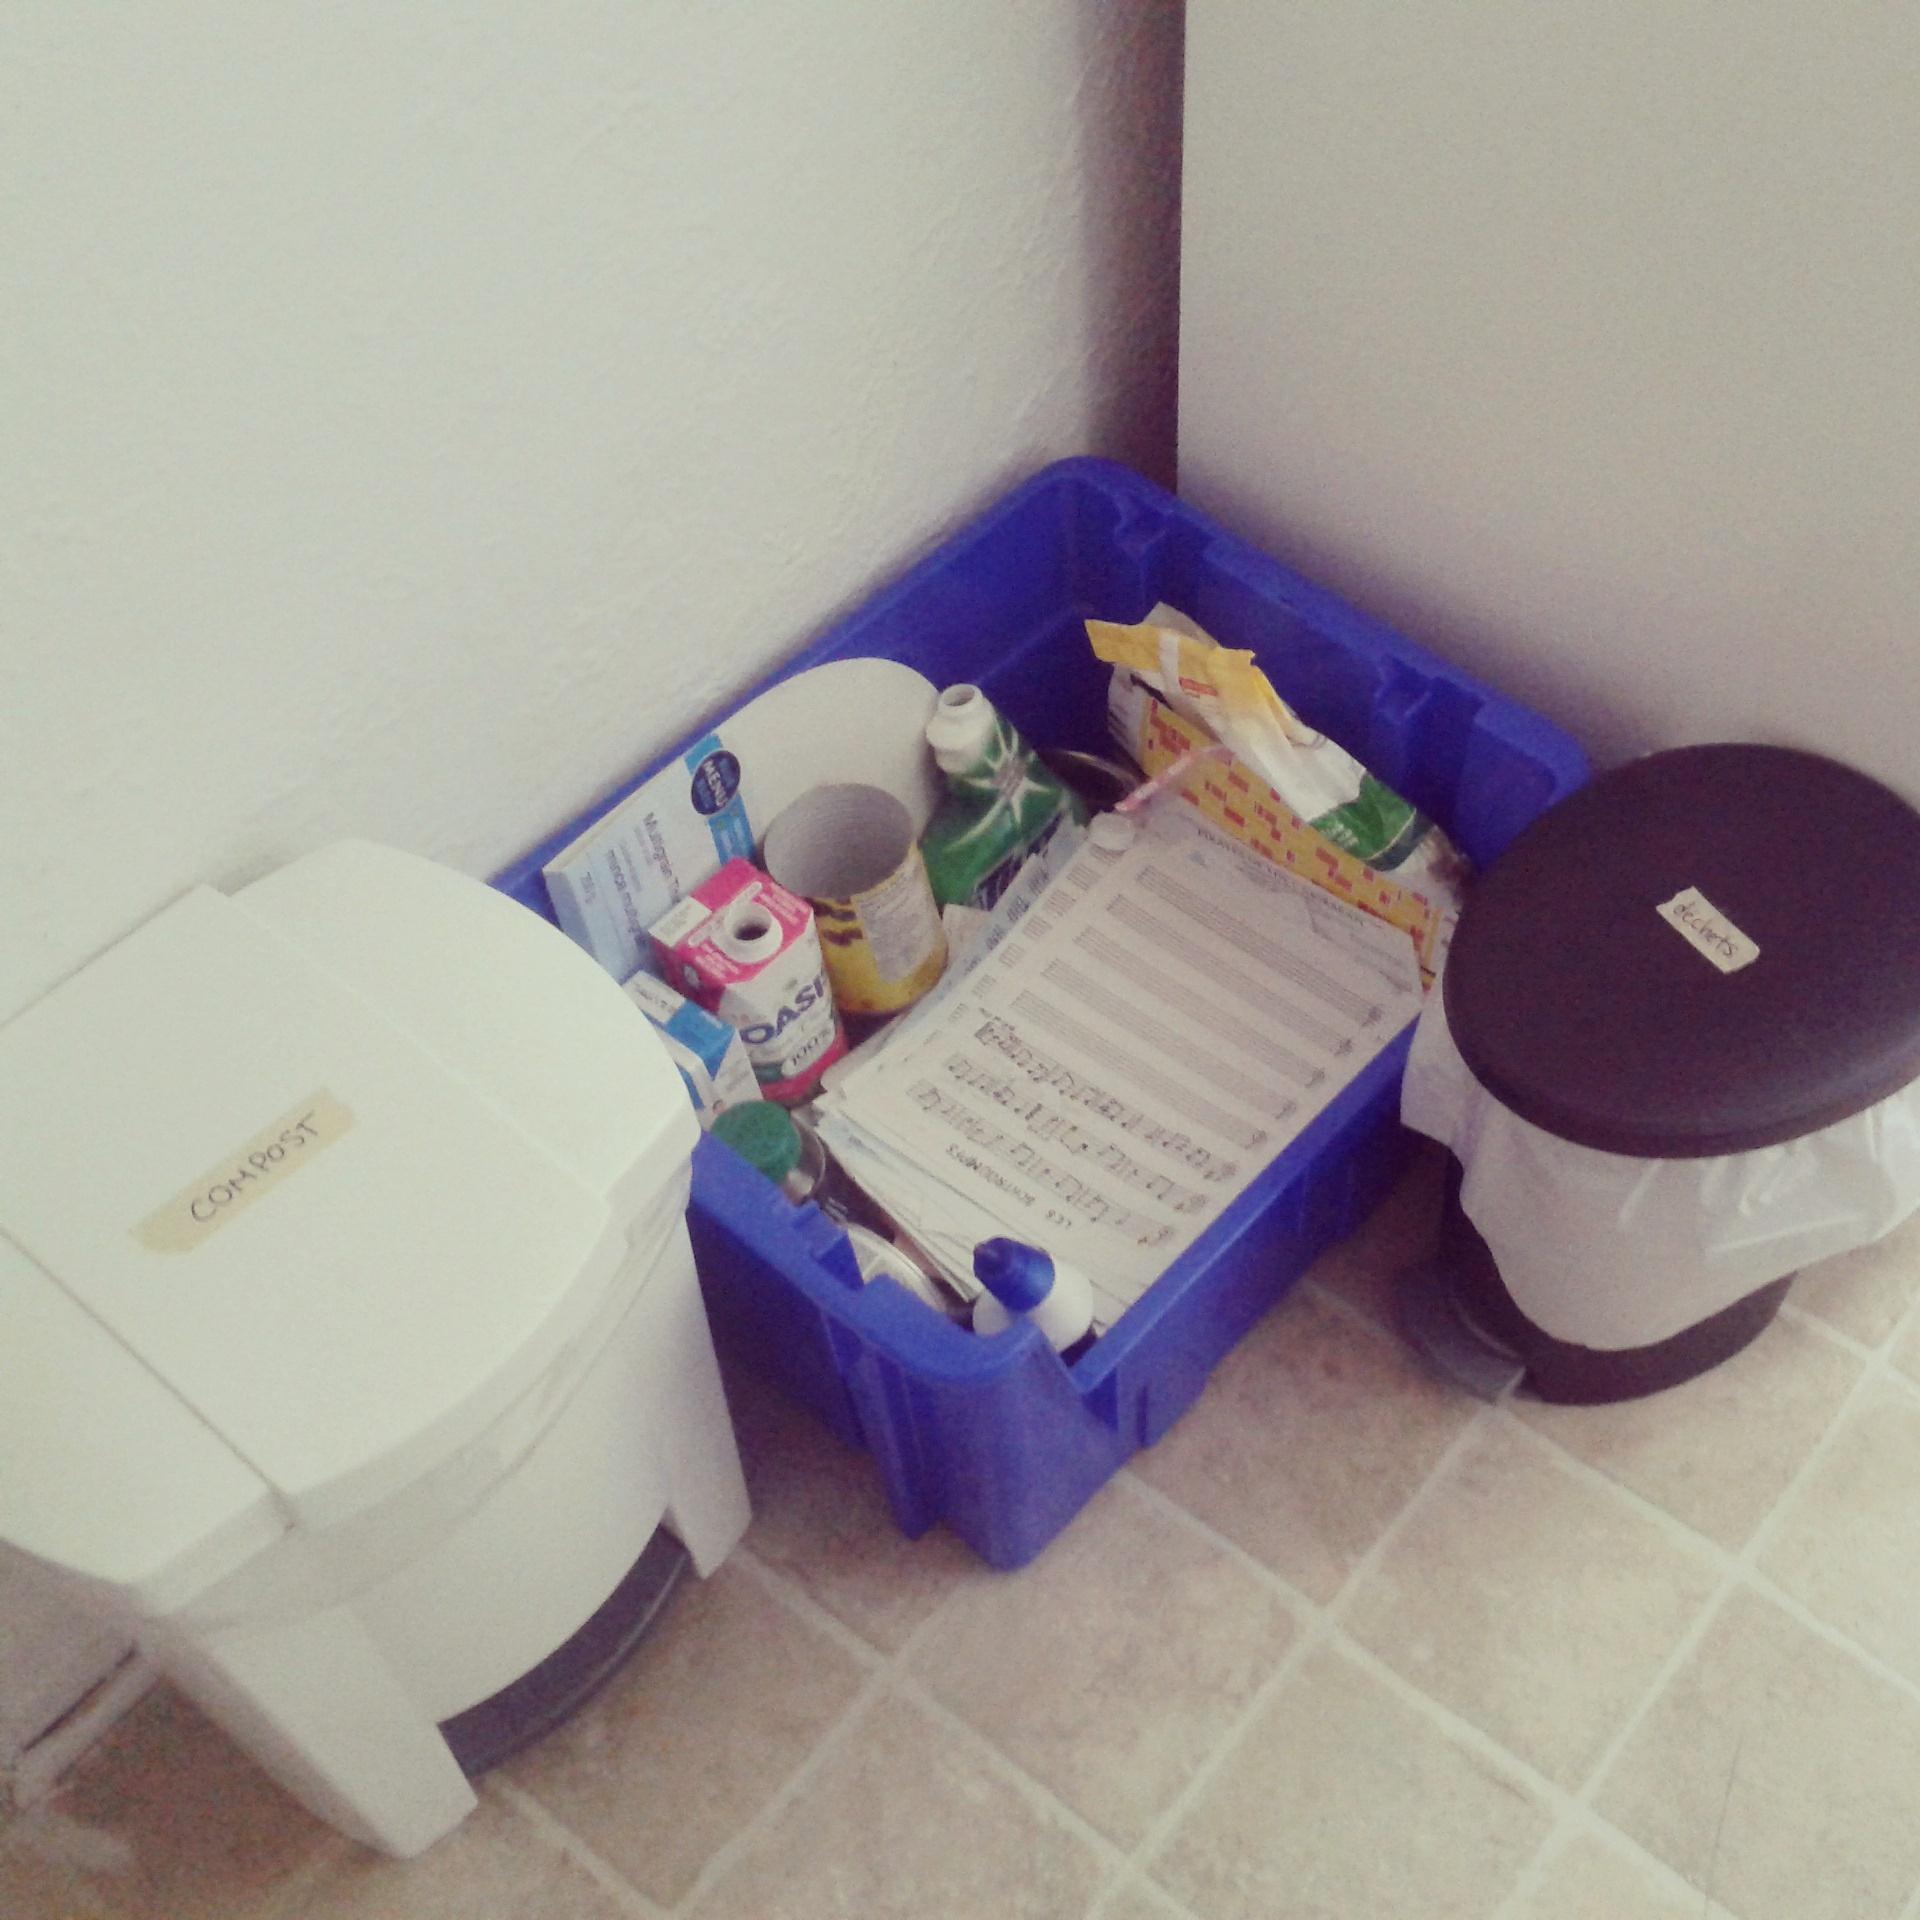 Poubelle blanche : compost|Bac bleu : recyclage|Poubelle noire : déchet (remarquez qu'elle est plus petite que celle réservée au compost!)